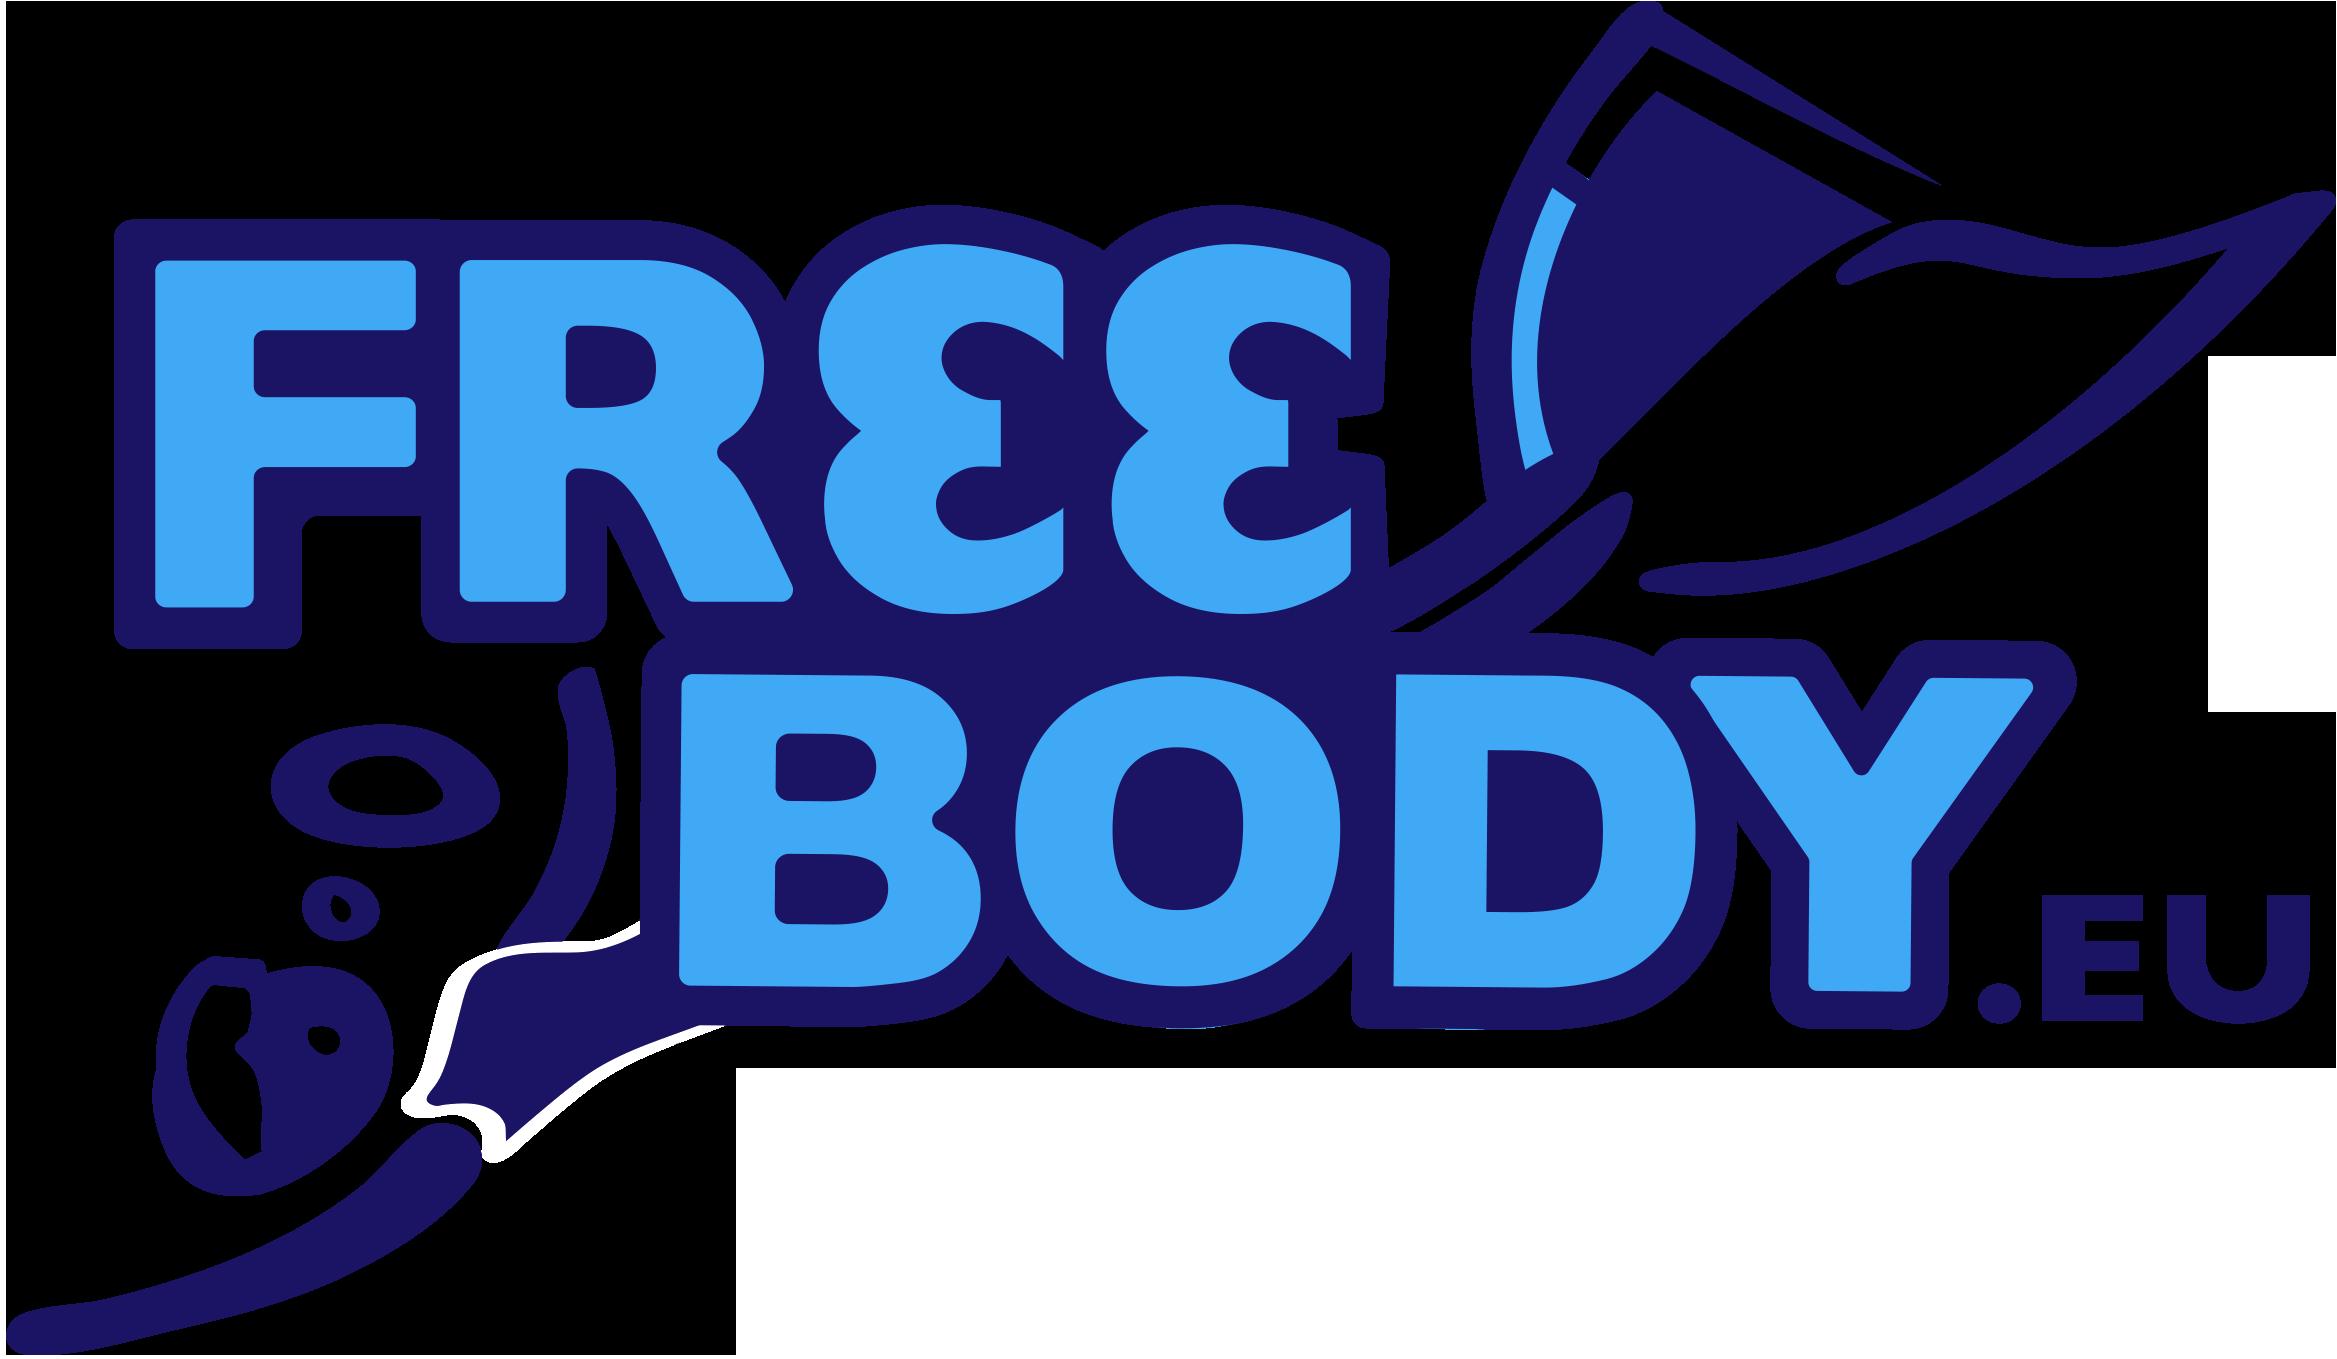 Freediving - Doświadcz czym jest Nurkowanie Swobodne z Freebody.eu